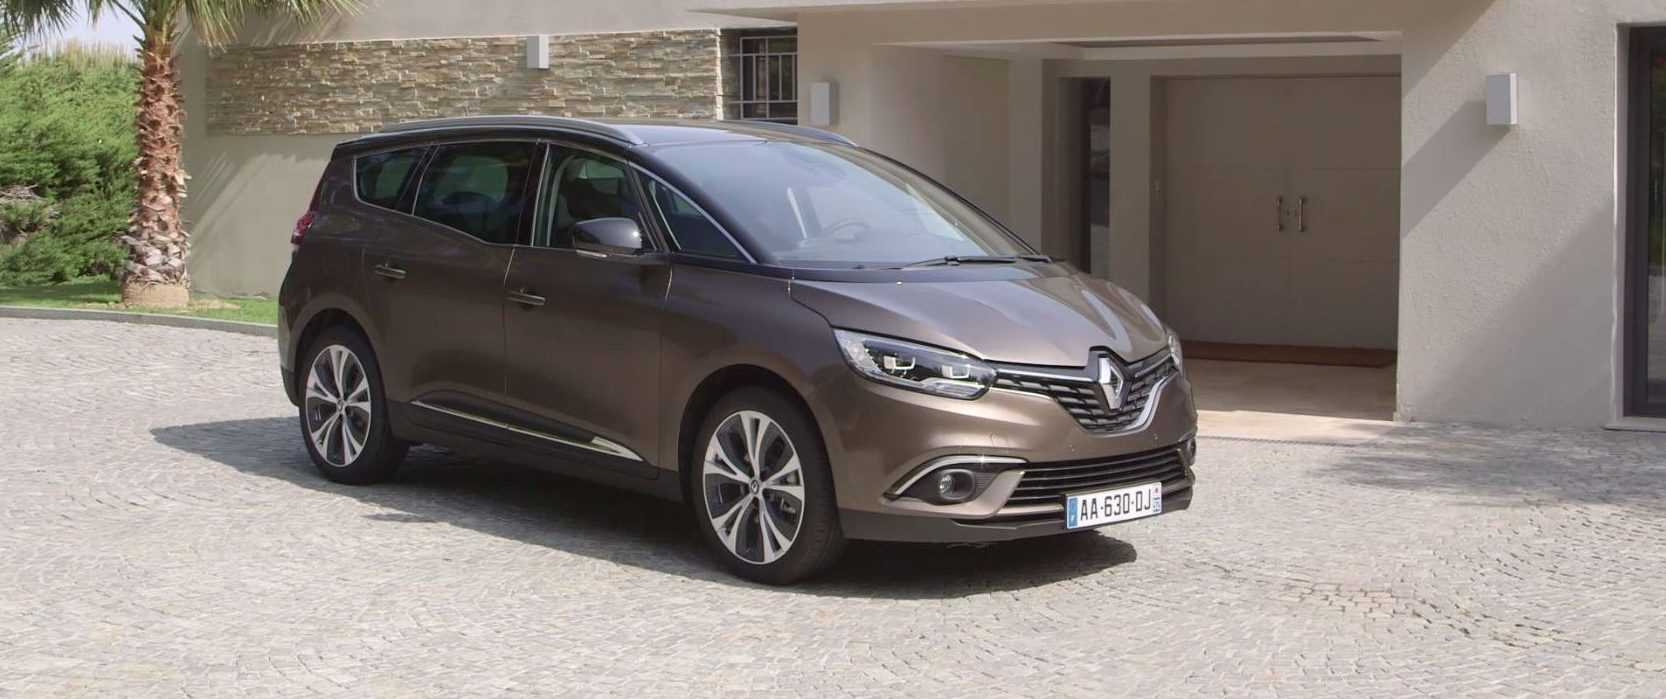 Renault Grand Scénic 2016